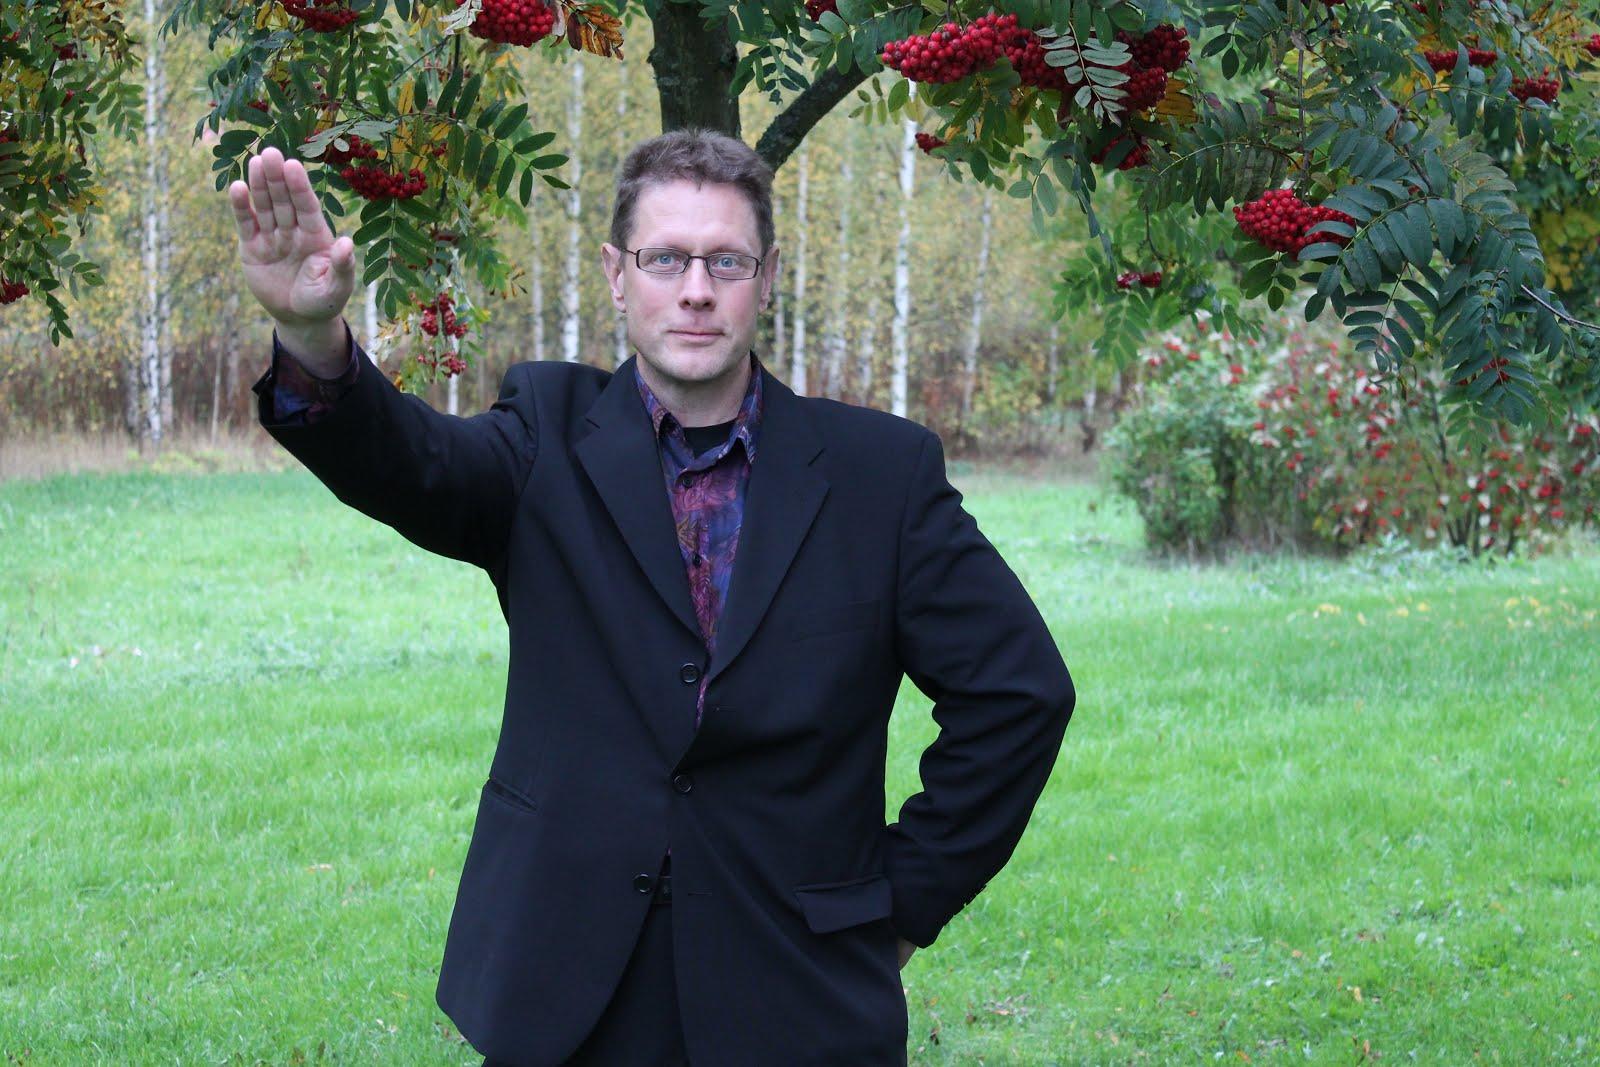 Puutarhapalveluja tarjoava isoisäluokan yhden miehen risteilijä ja puutarhuri kastepäivänä 2012